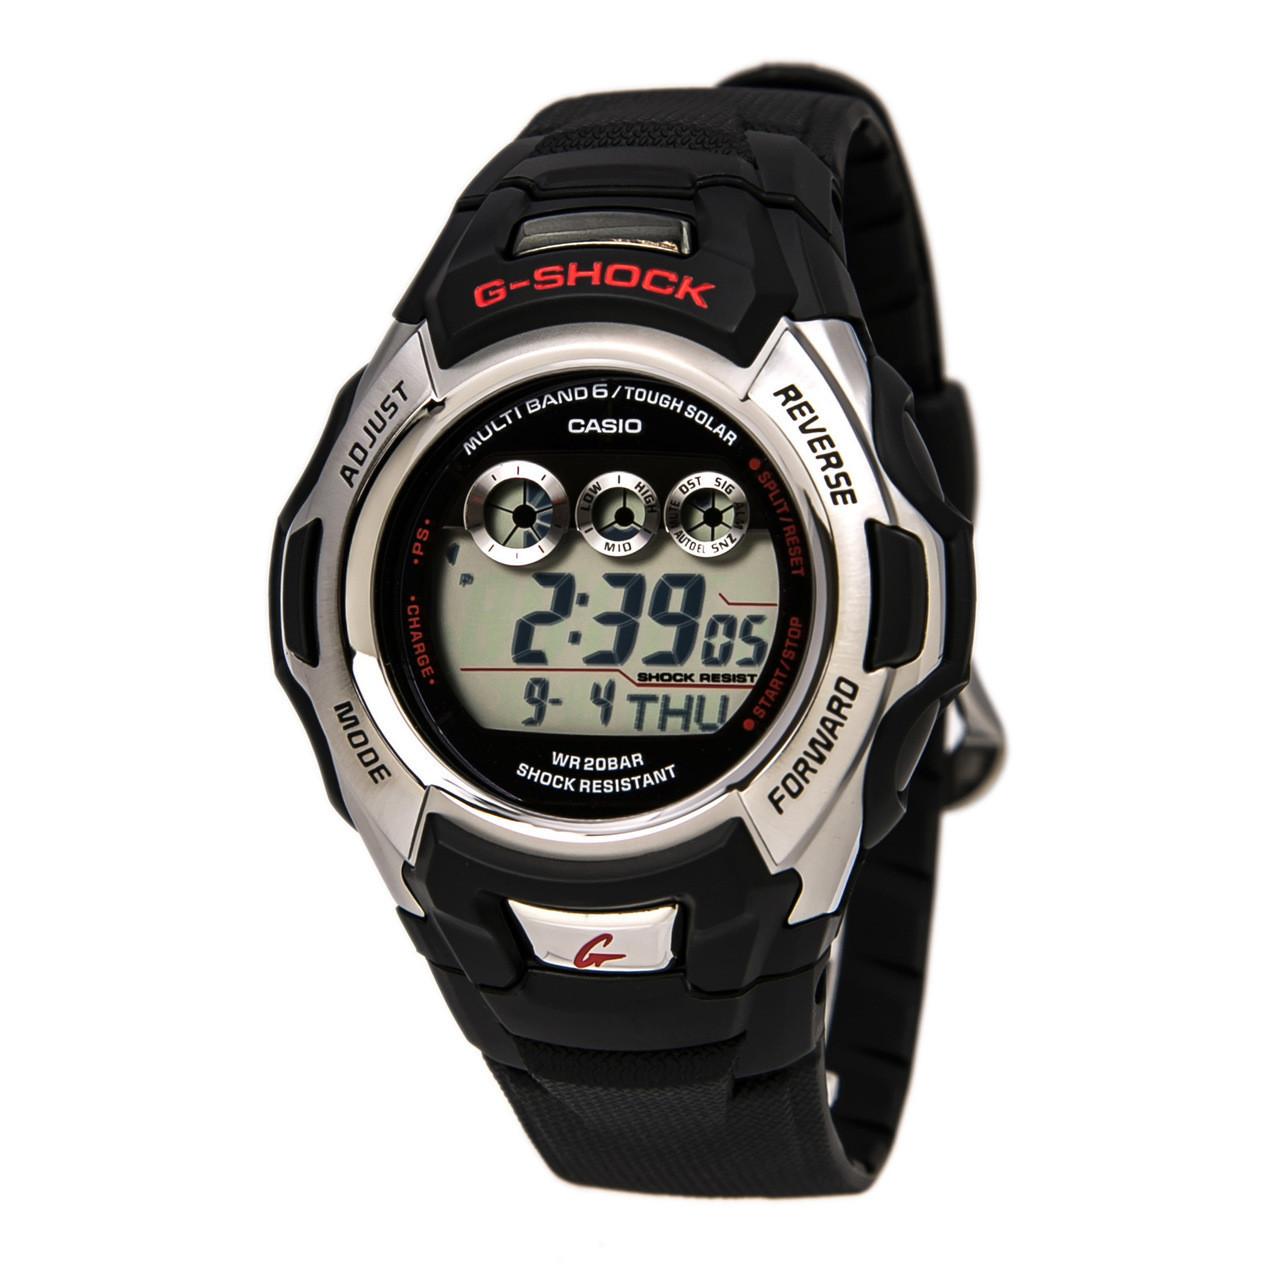 Часы Casio G-Shock GW500A-1AV